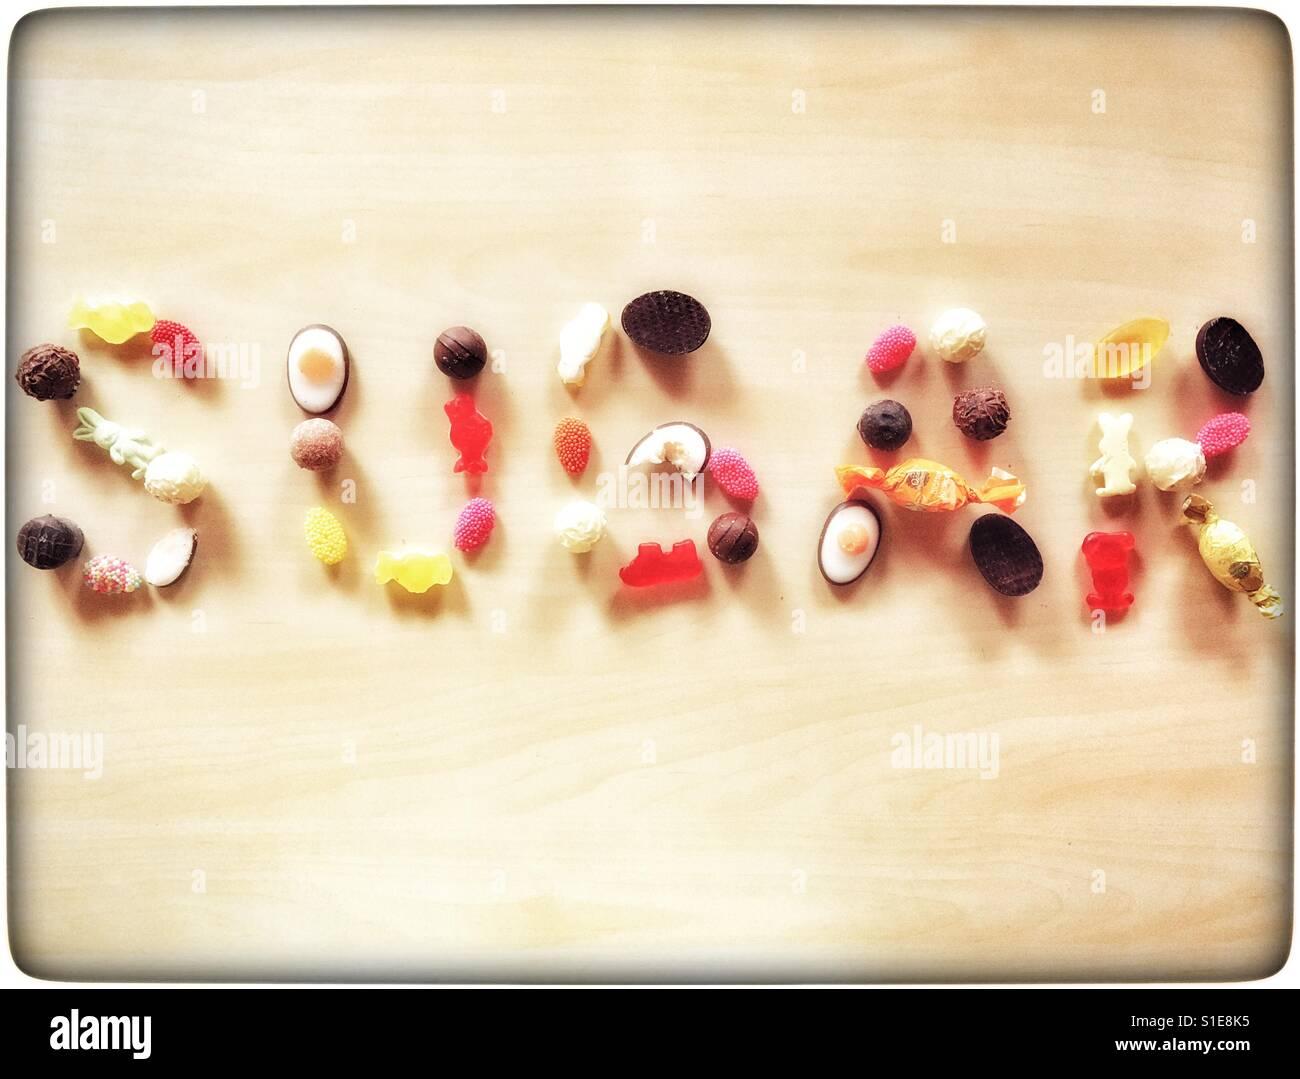 """Das Wort """"Zucker"""" mit Süßigkeiten und Bonbons auf einen hölzernen Hintergrund geschrieben Stockbild"""